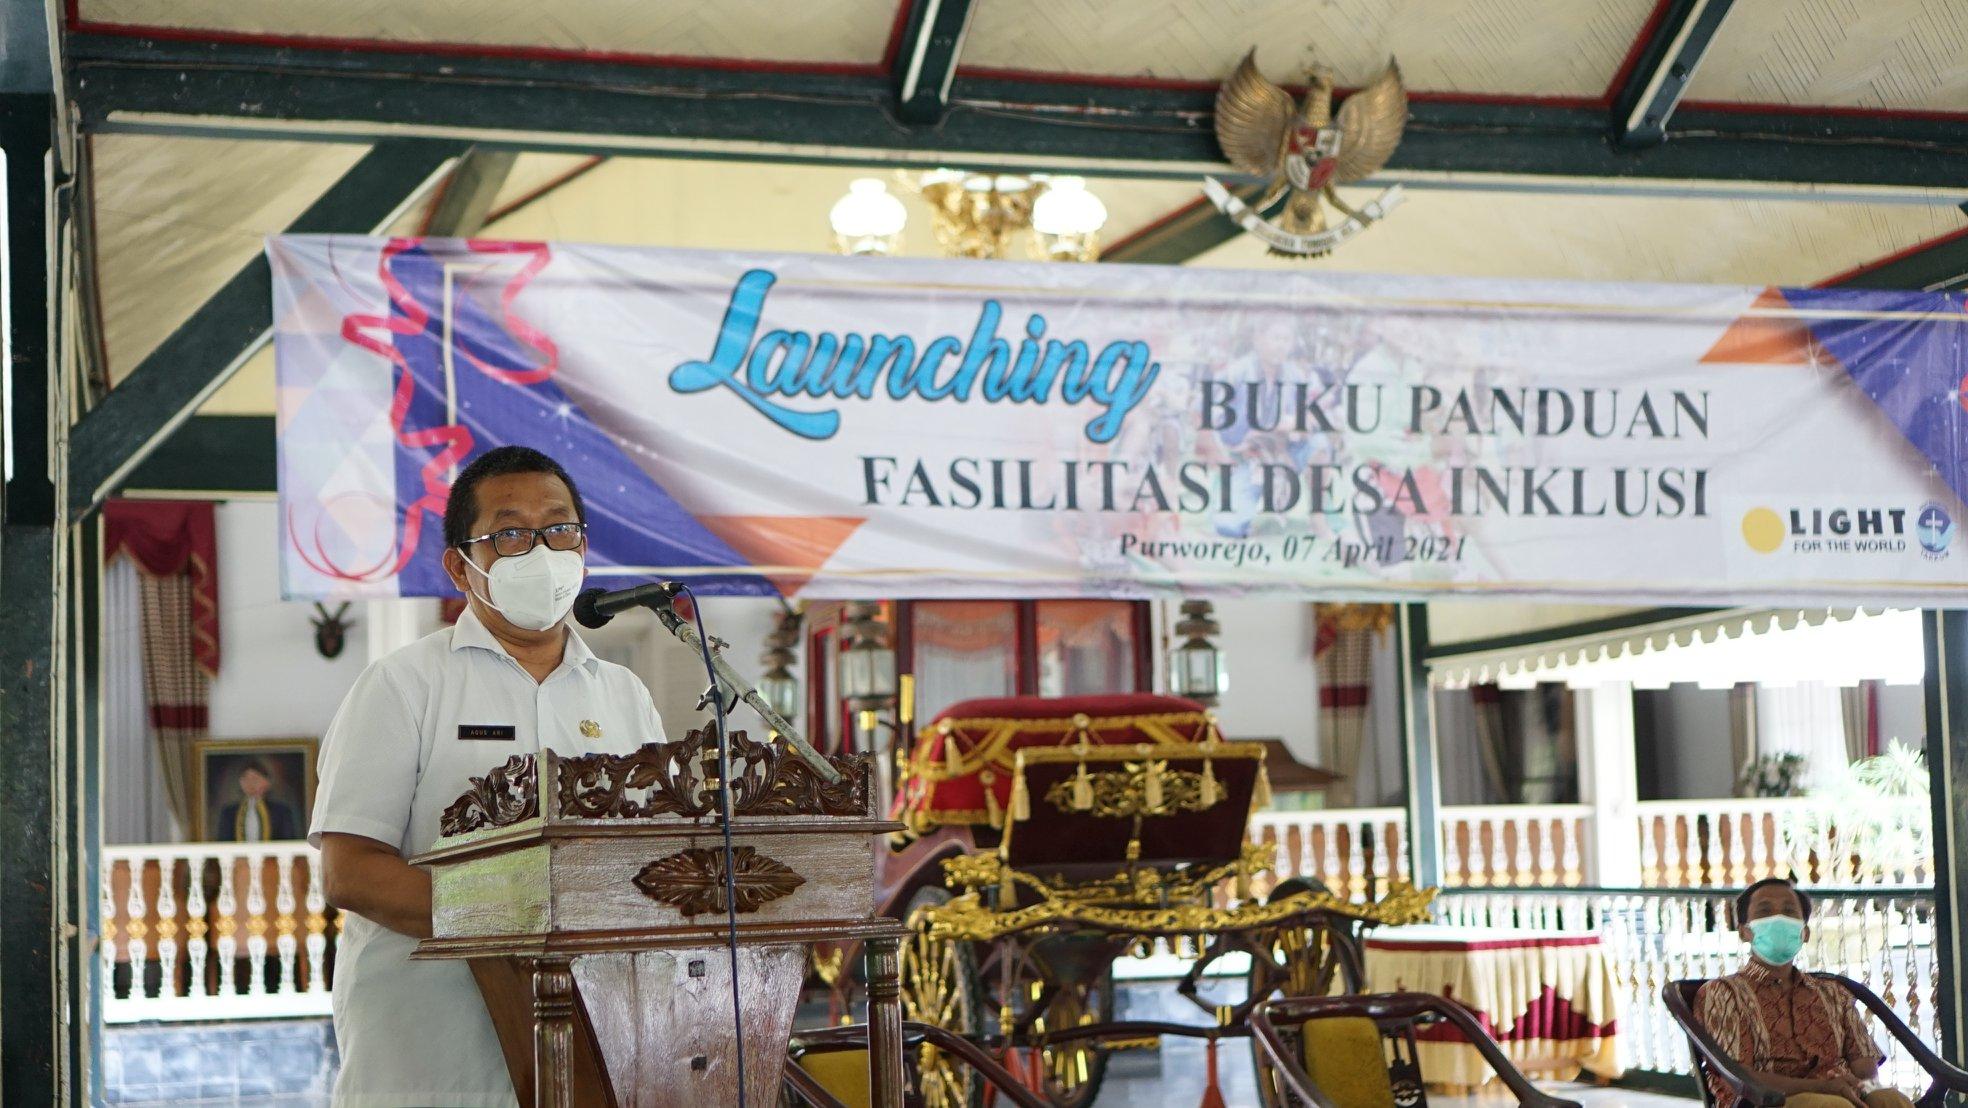 Launching Buku Panduan Desa Inklusi Purworejo